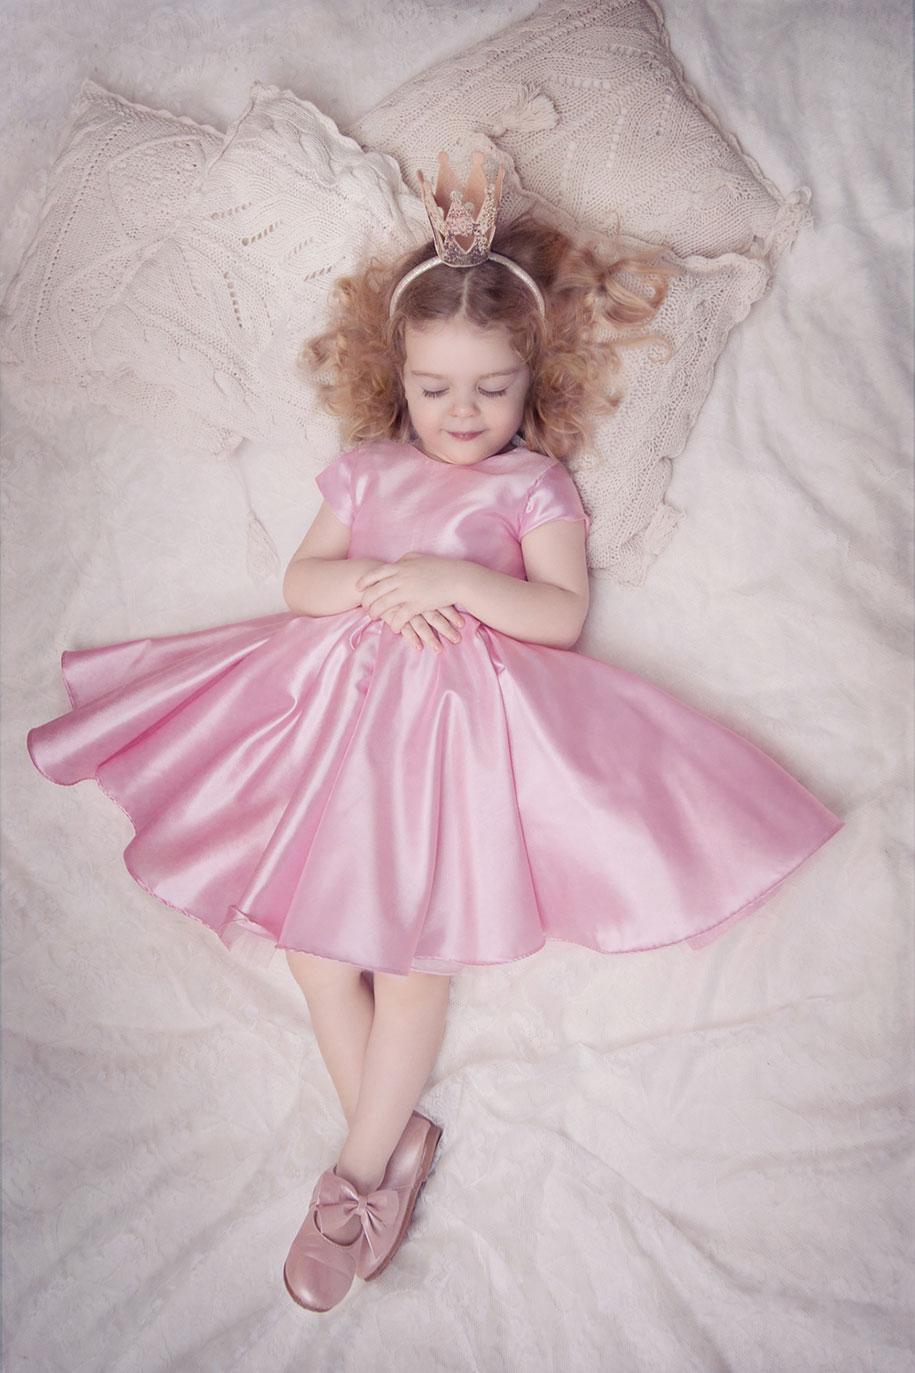 photographer-captures-children-in-costumes-childhood-anna-rozwadowska-7